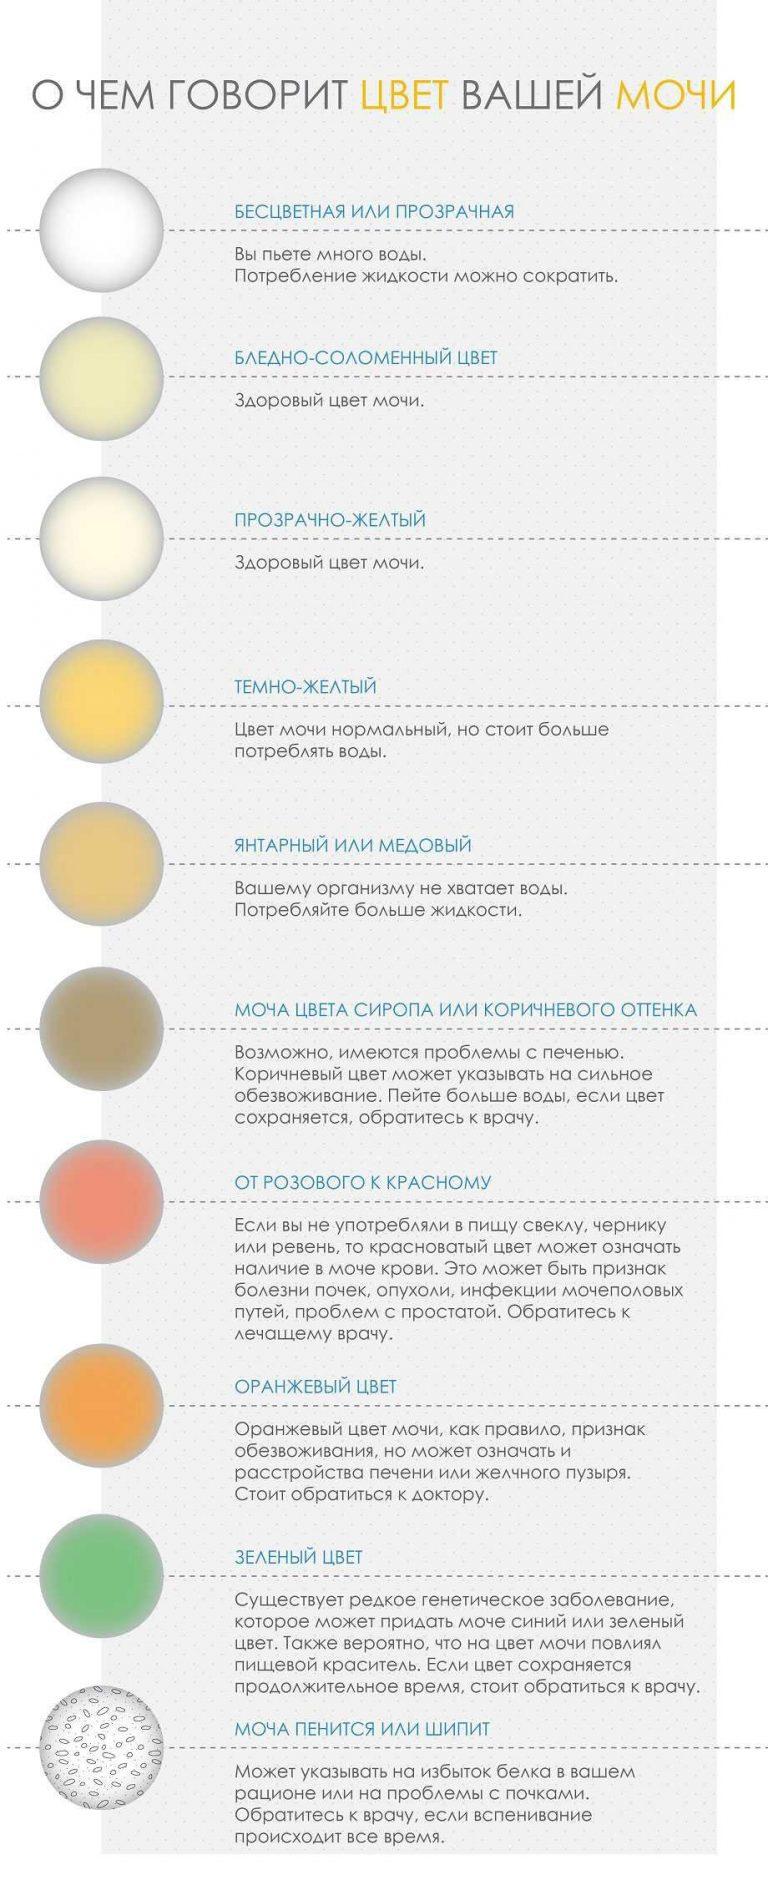 Почему меняет цвет моча после свеклы